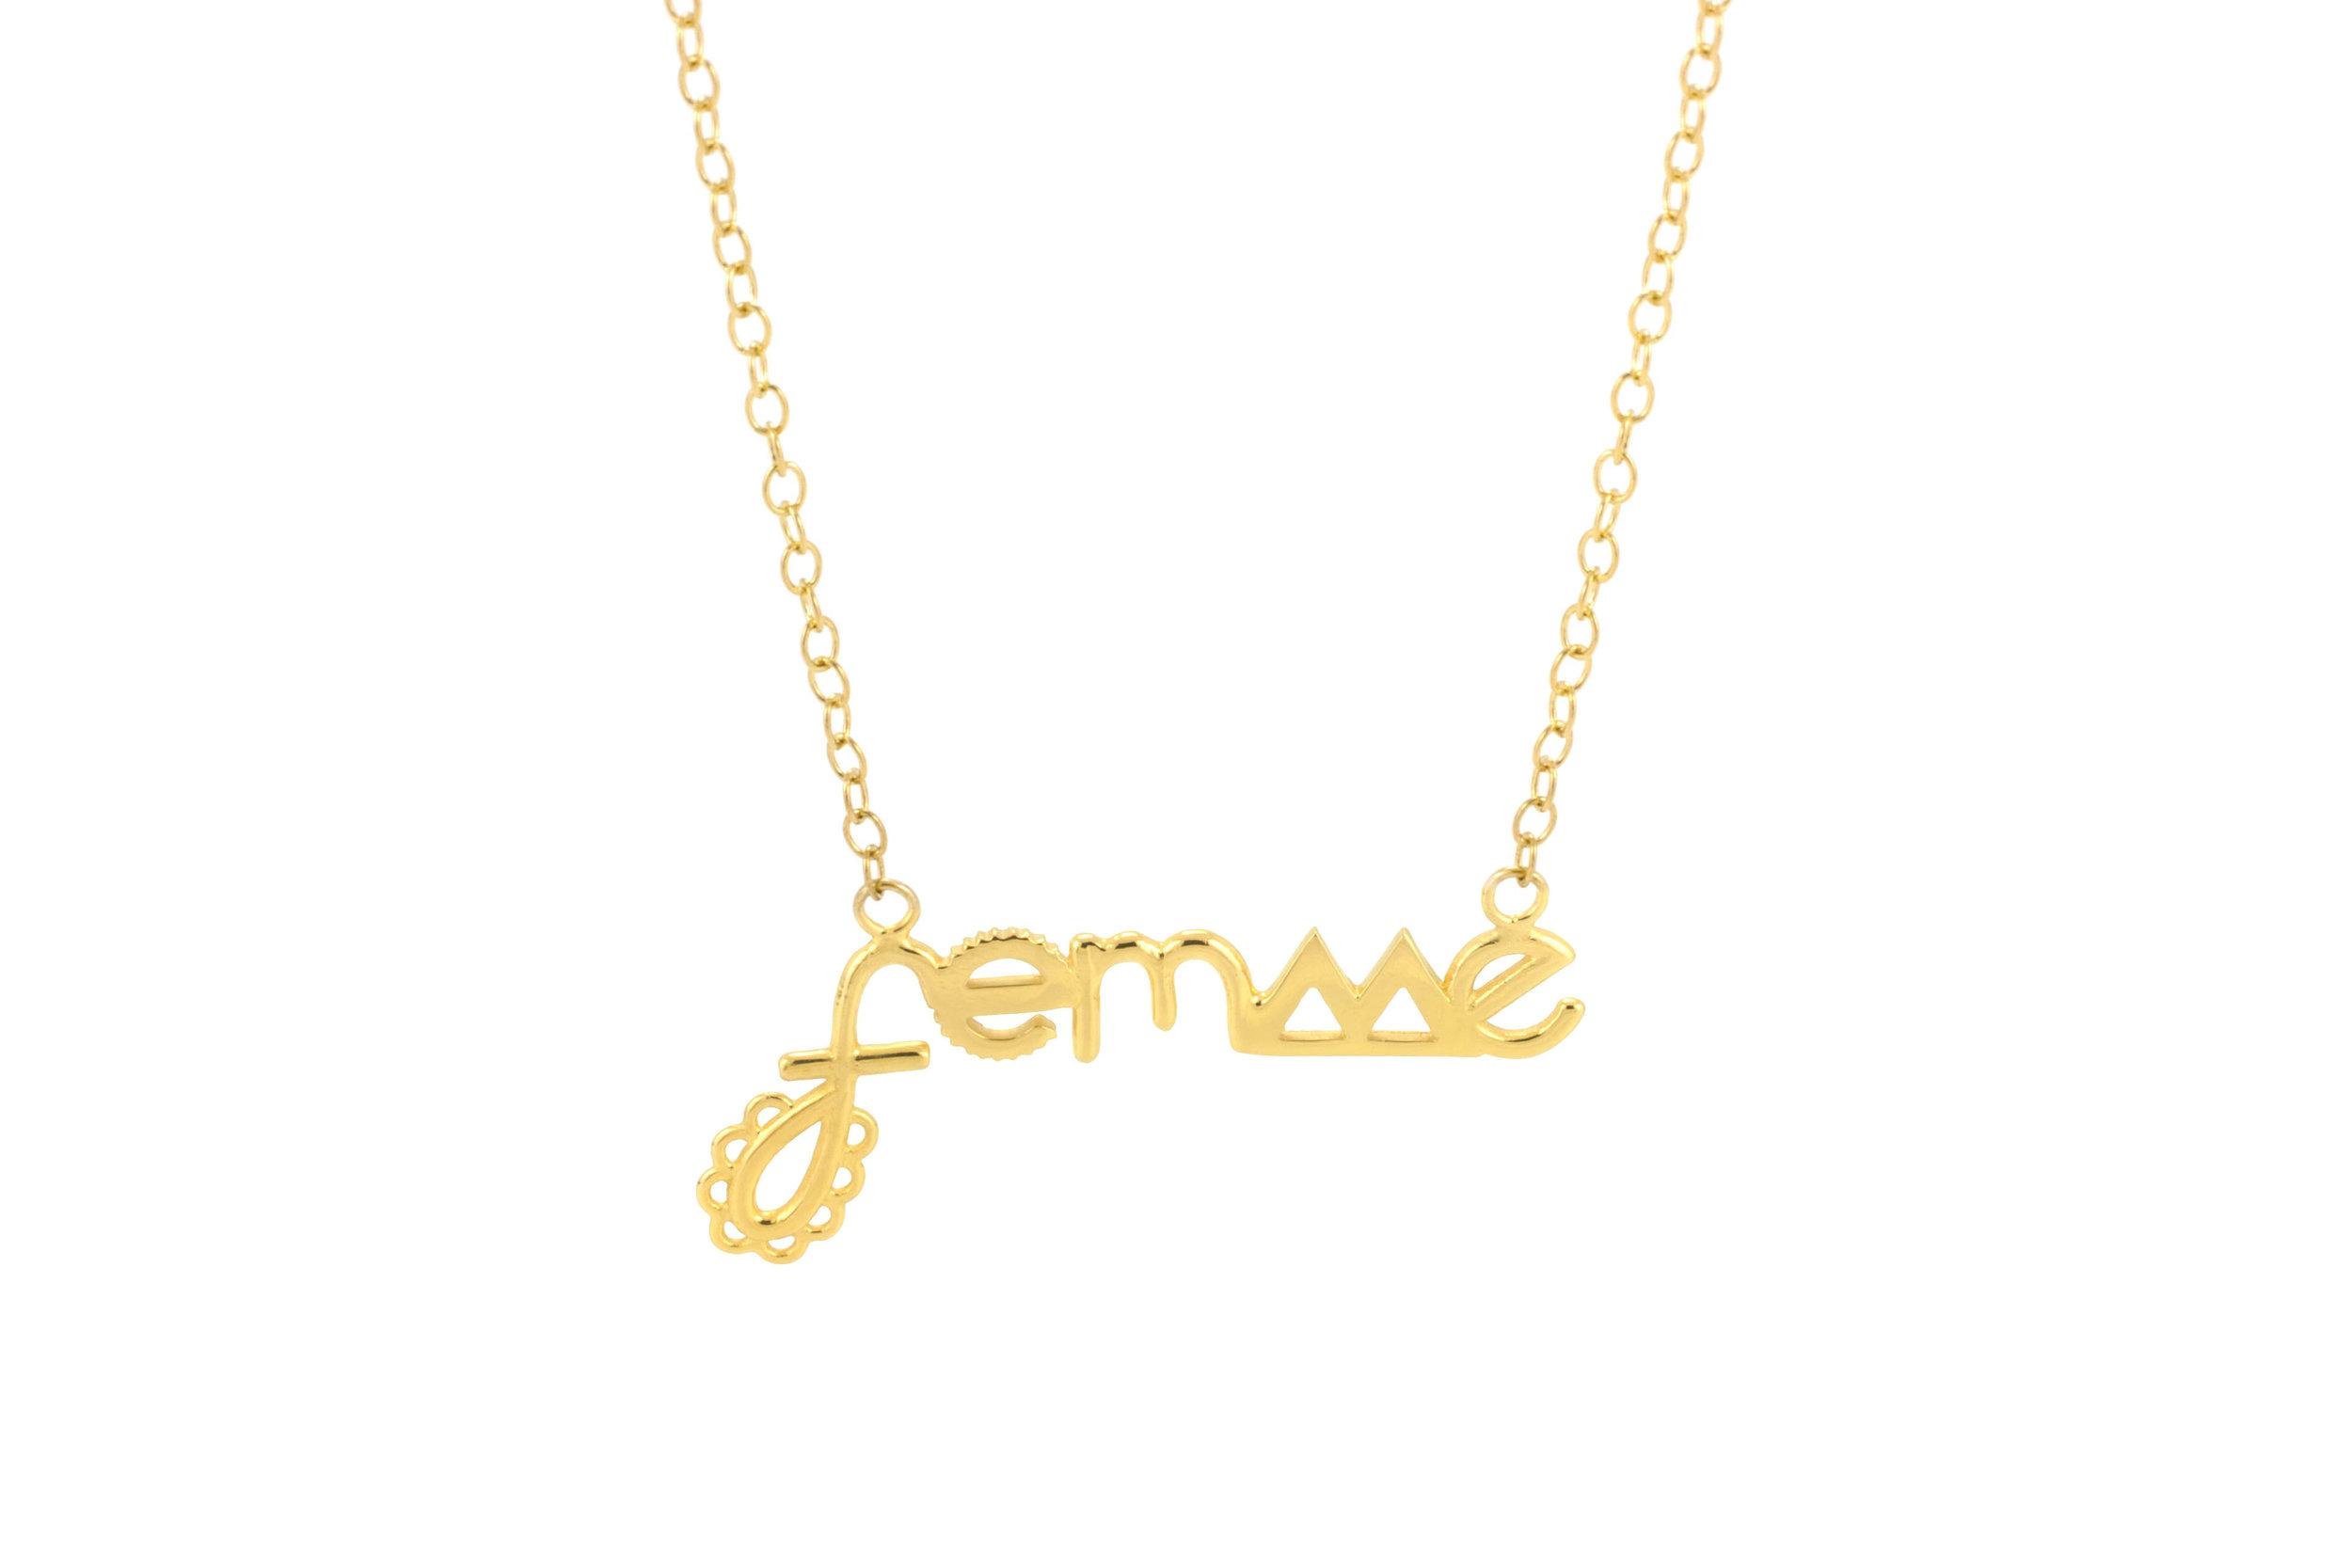 femme necklace.jpg